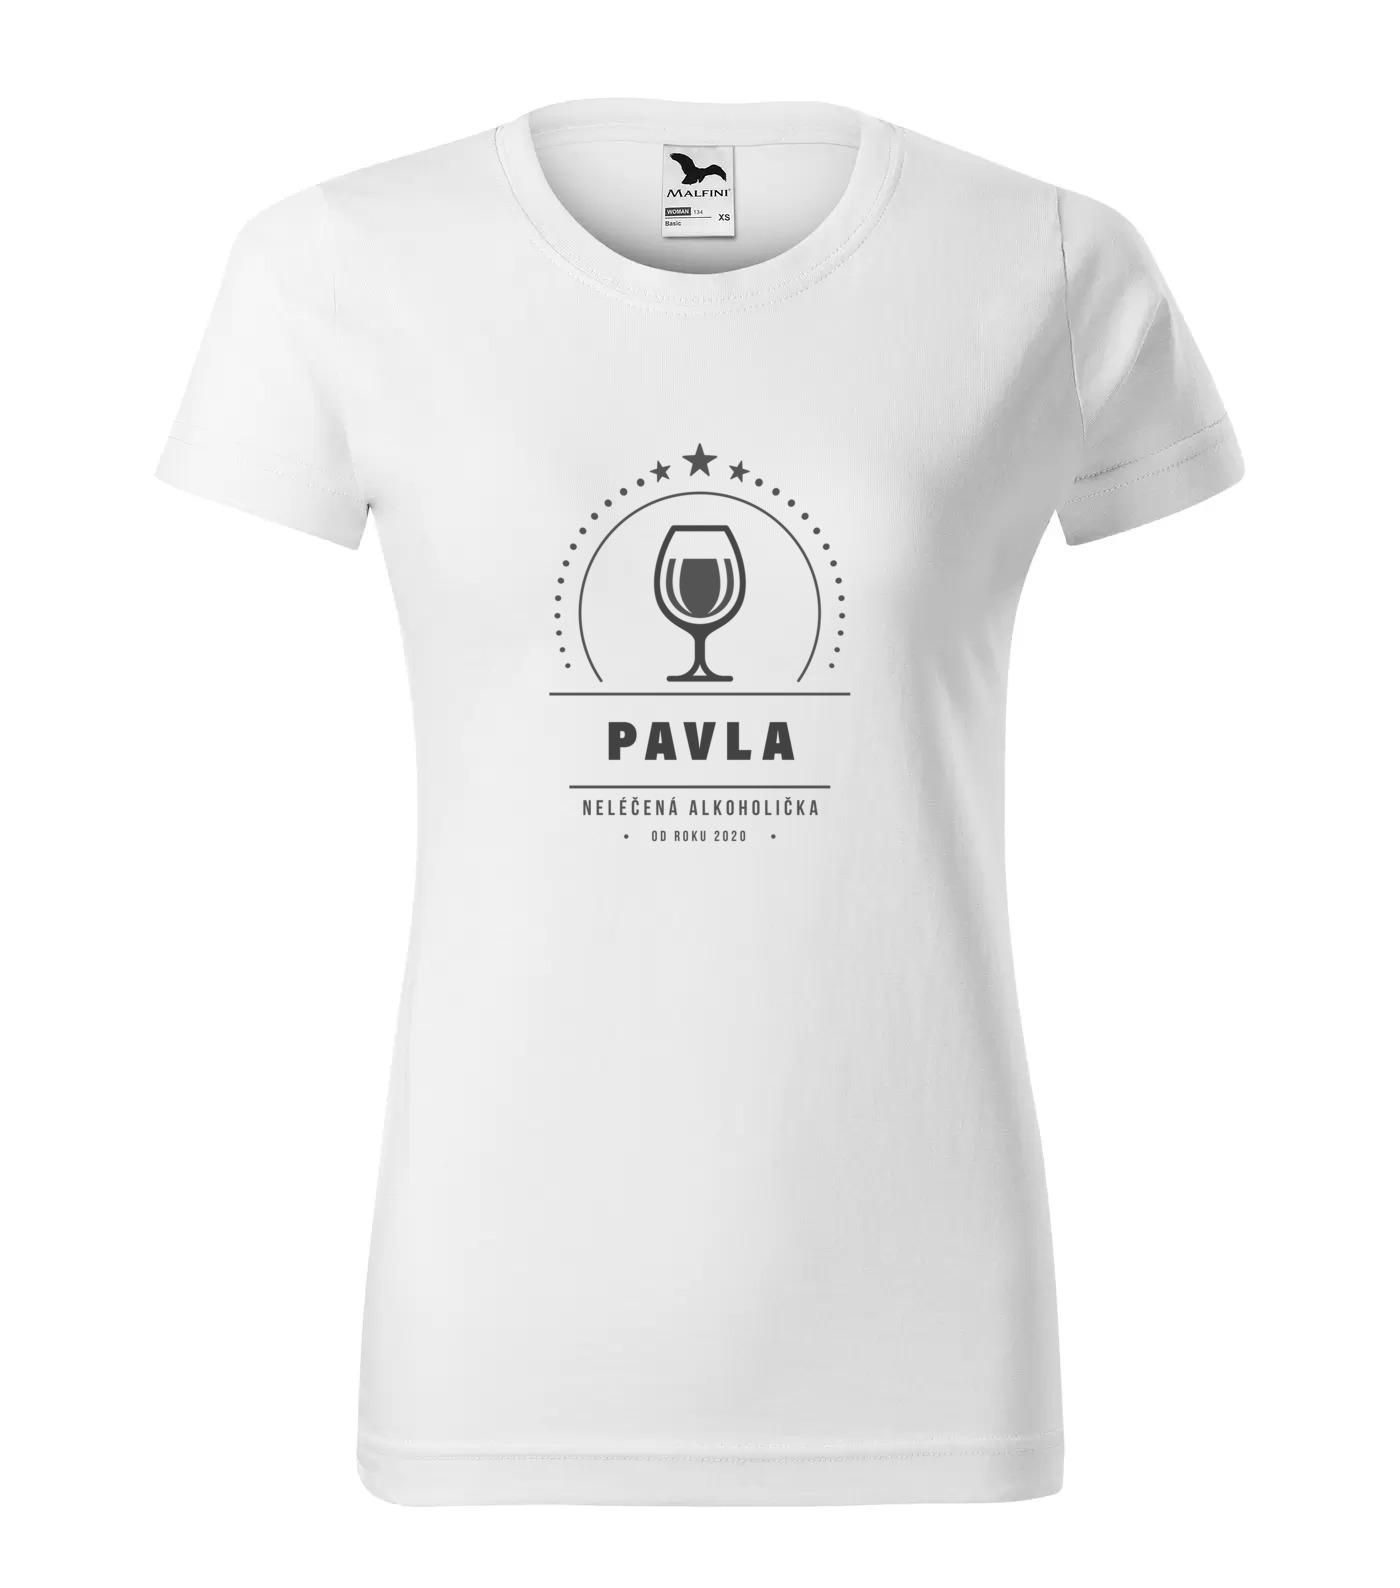 Tričko Alkoholička Pavla